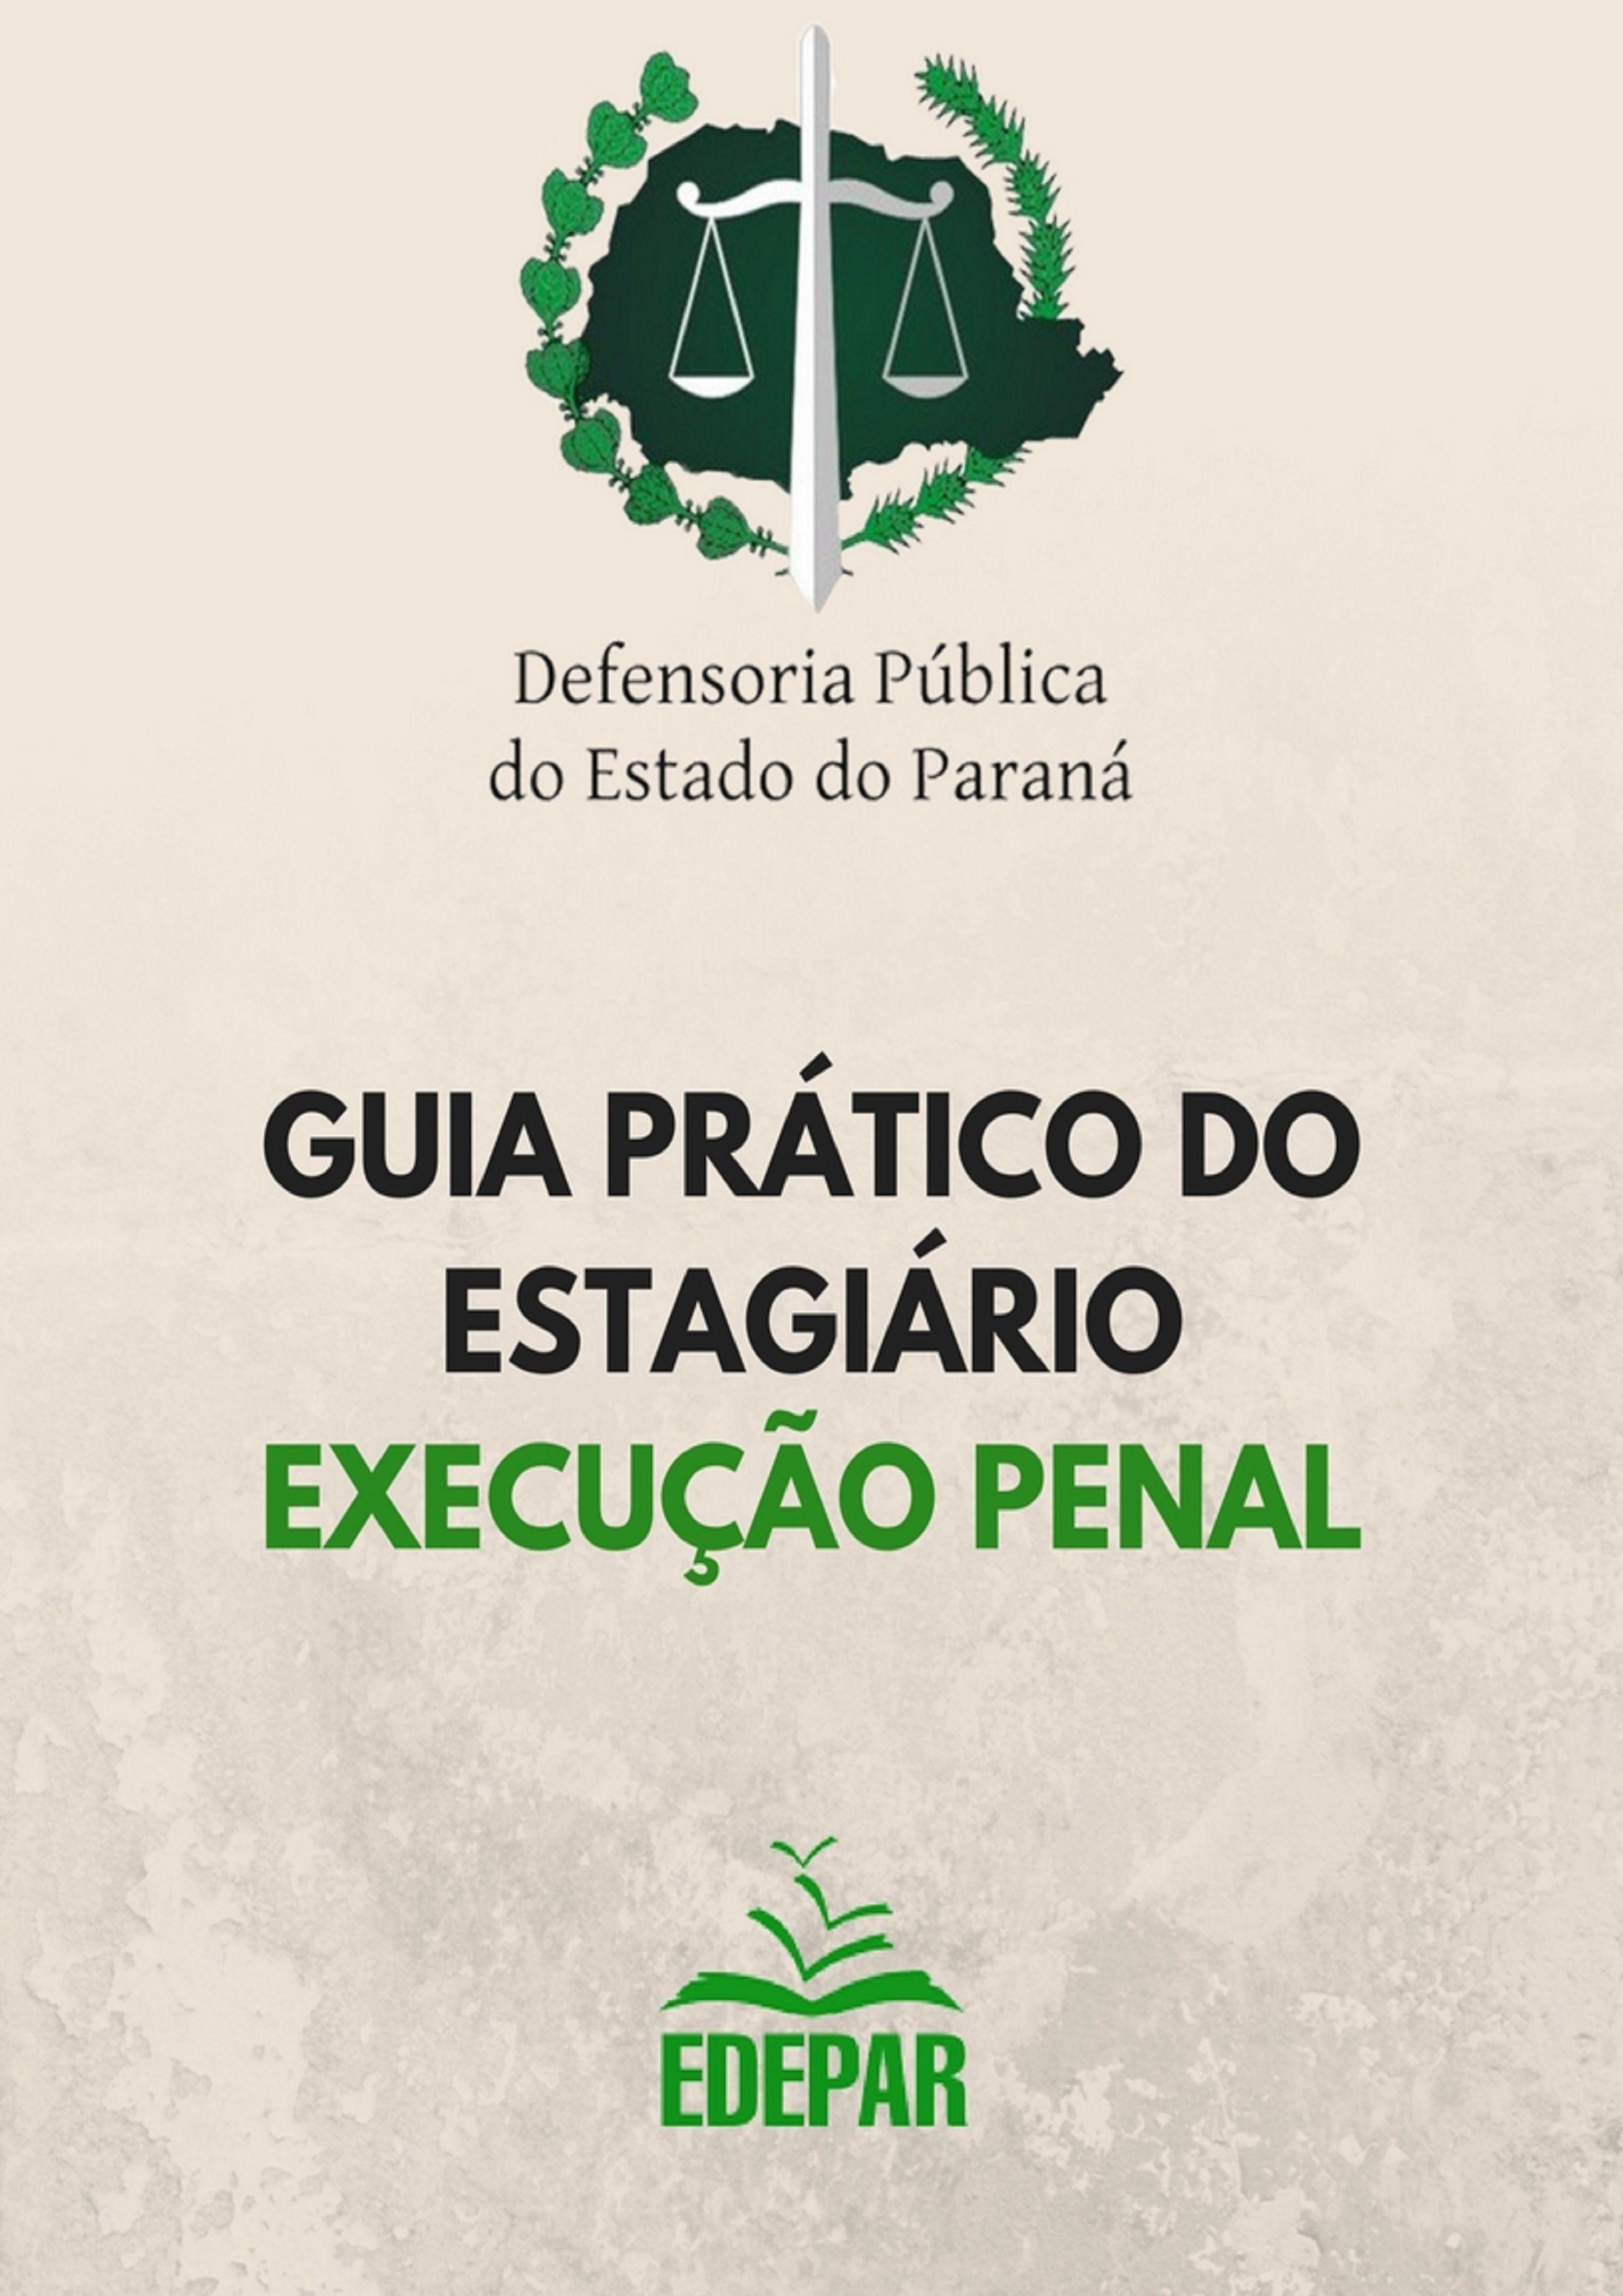 Guia Prático do Estagiário da Área de Execução Penal da Defensoria Pública do Estado do Paraná